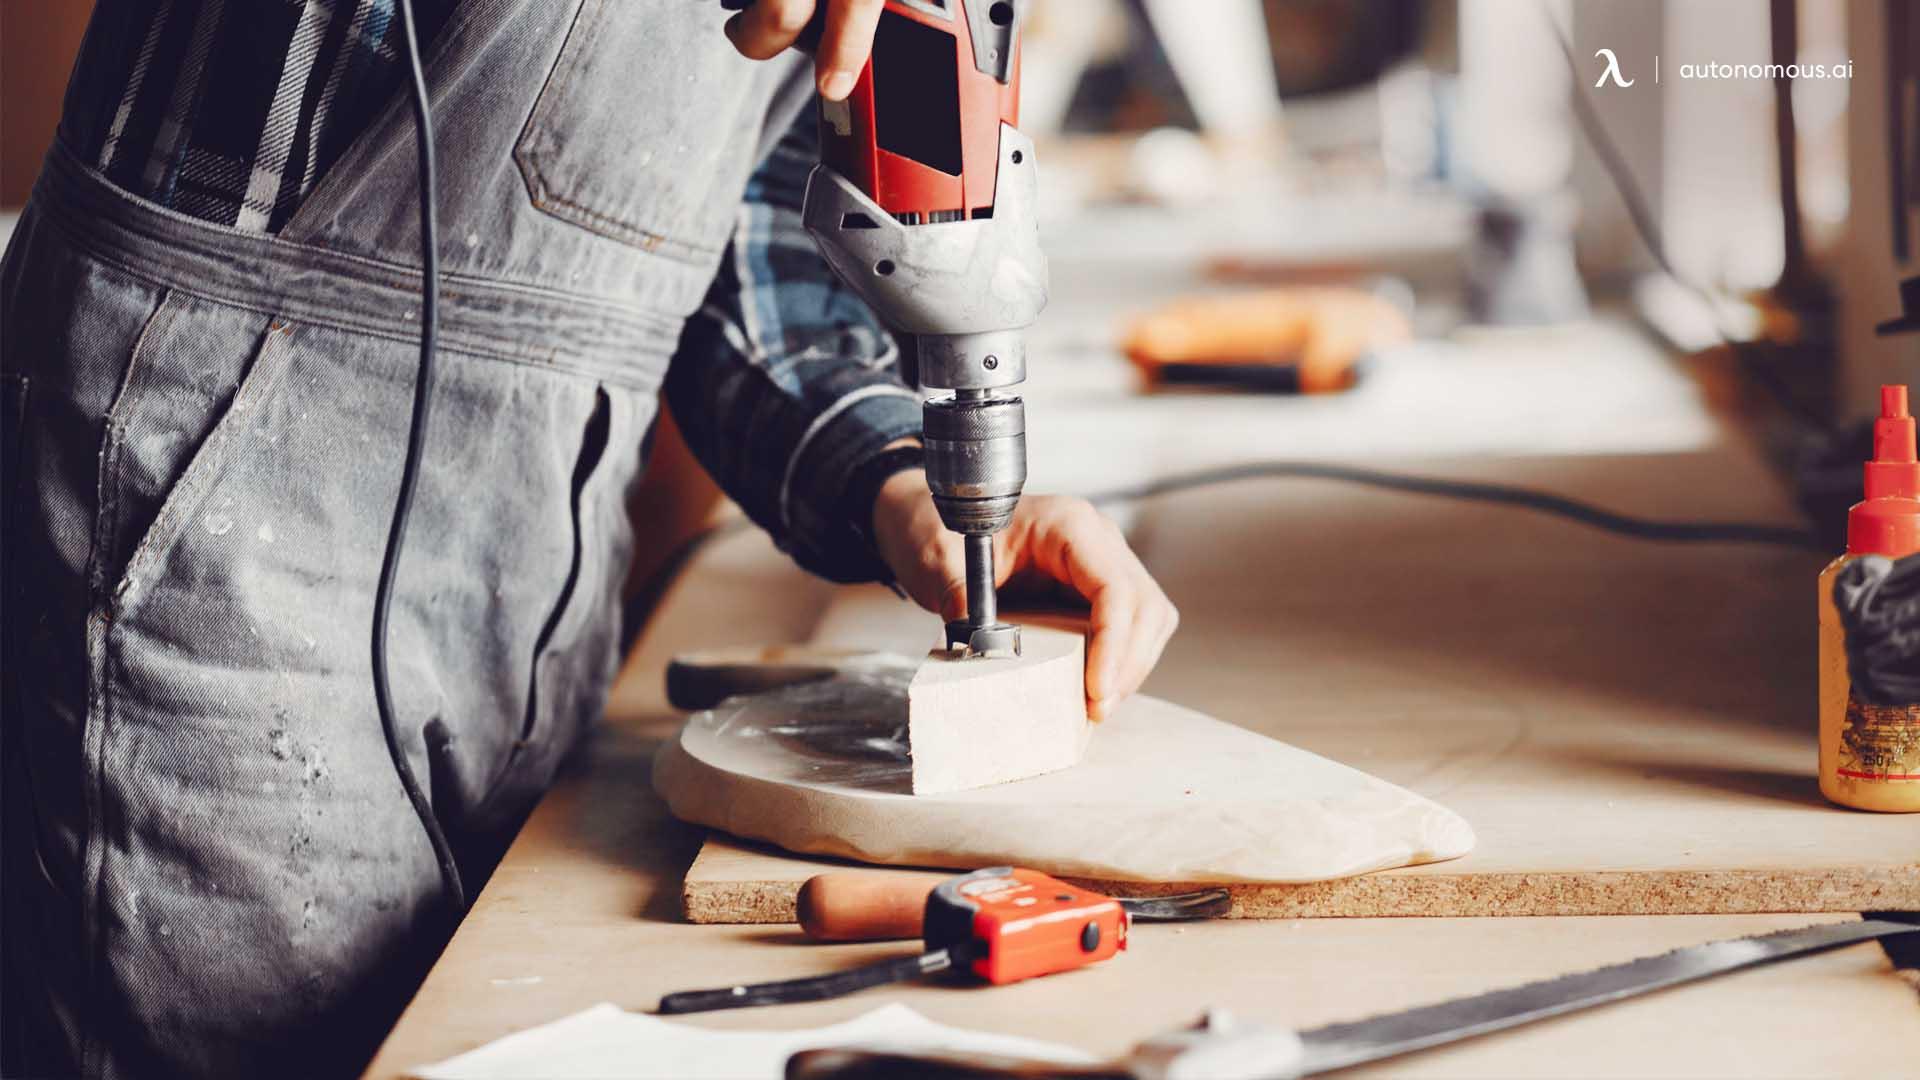 Tools and Material Preparing